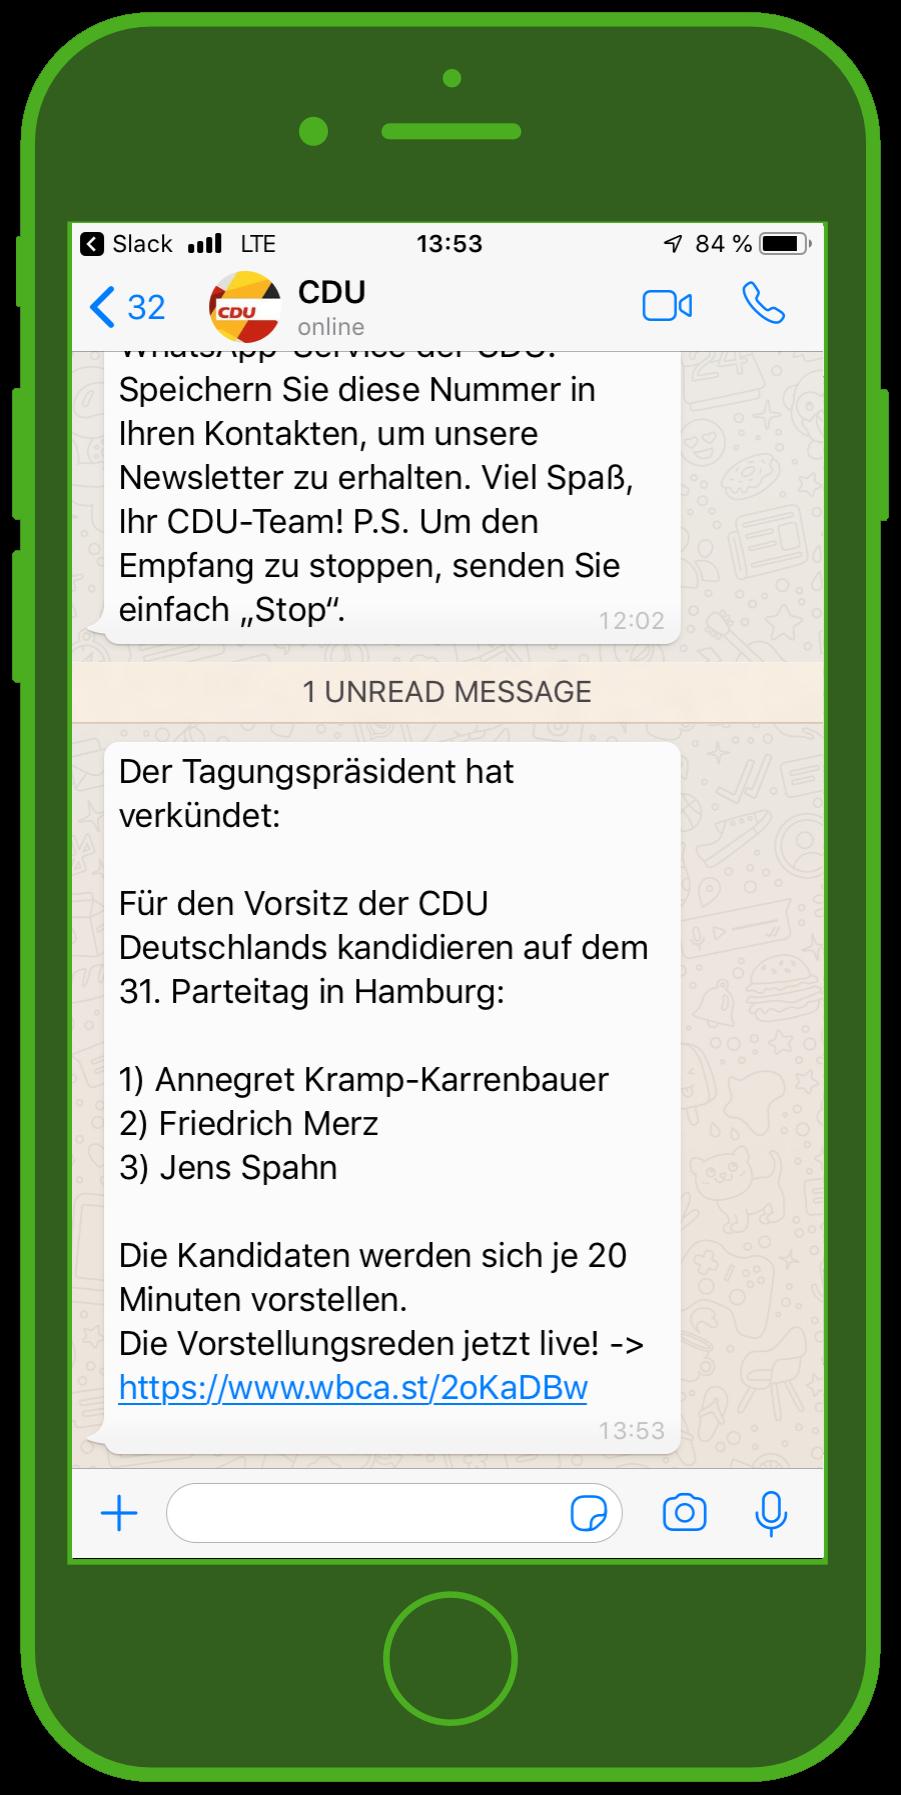 parteien-und-whatsapp-device-cdu-bundesparteitag-hh-2018-6